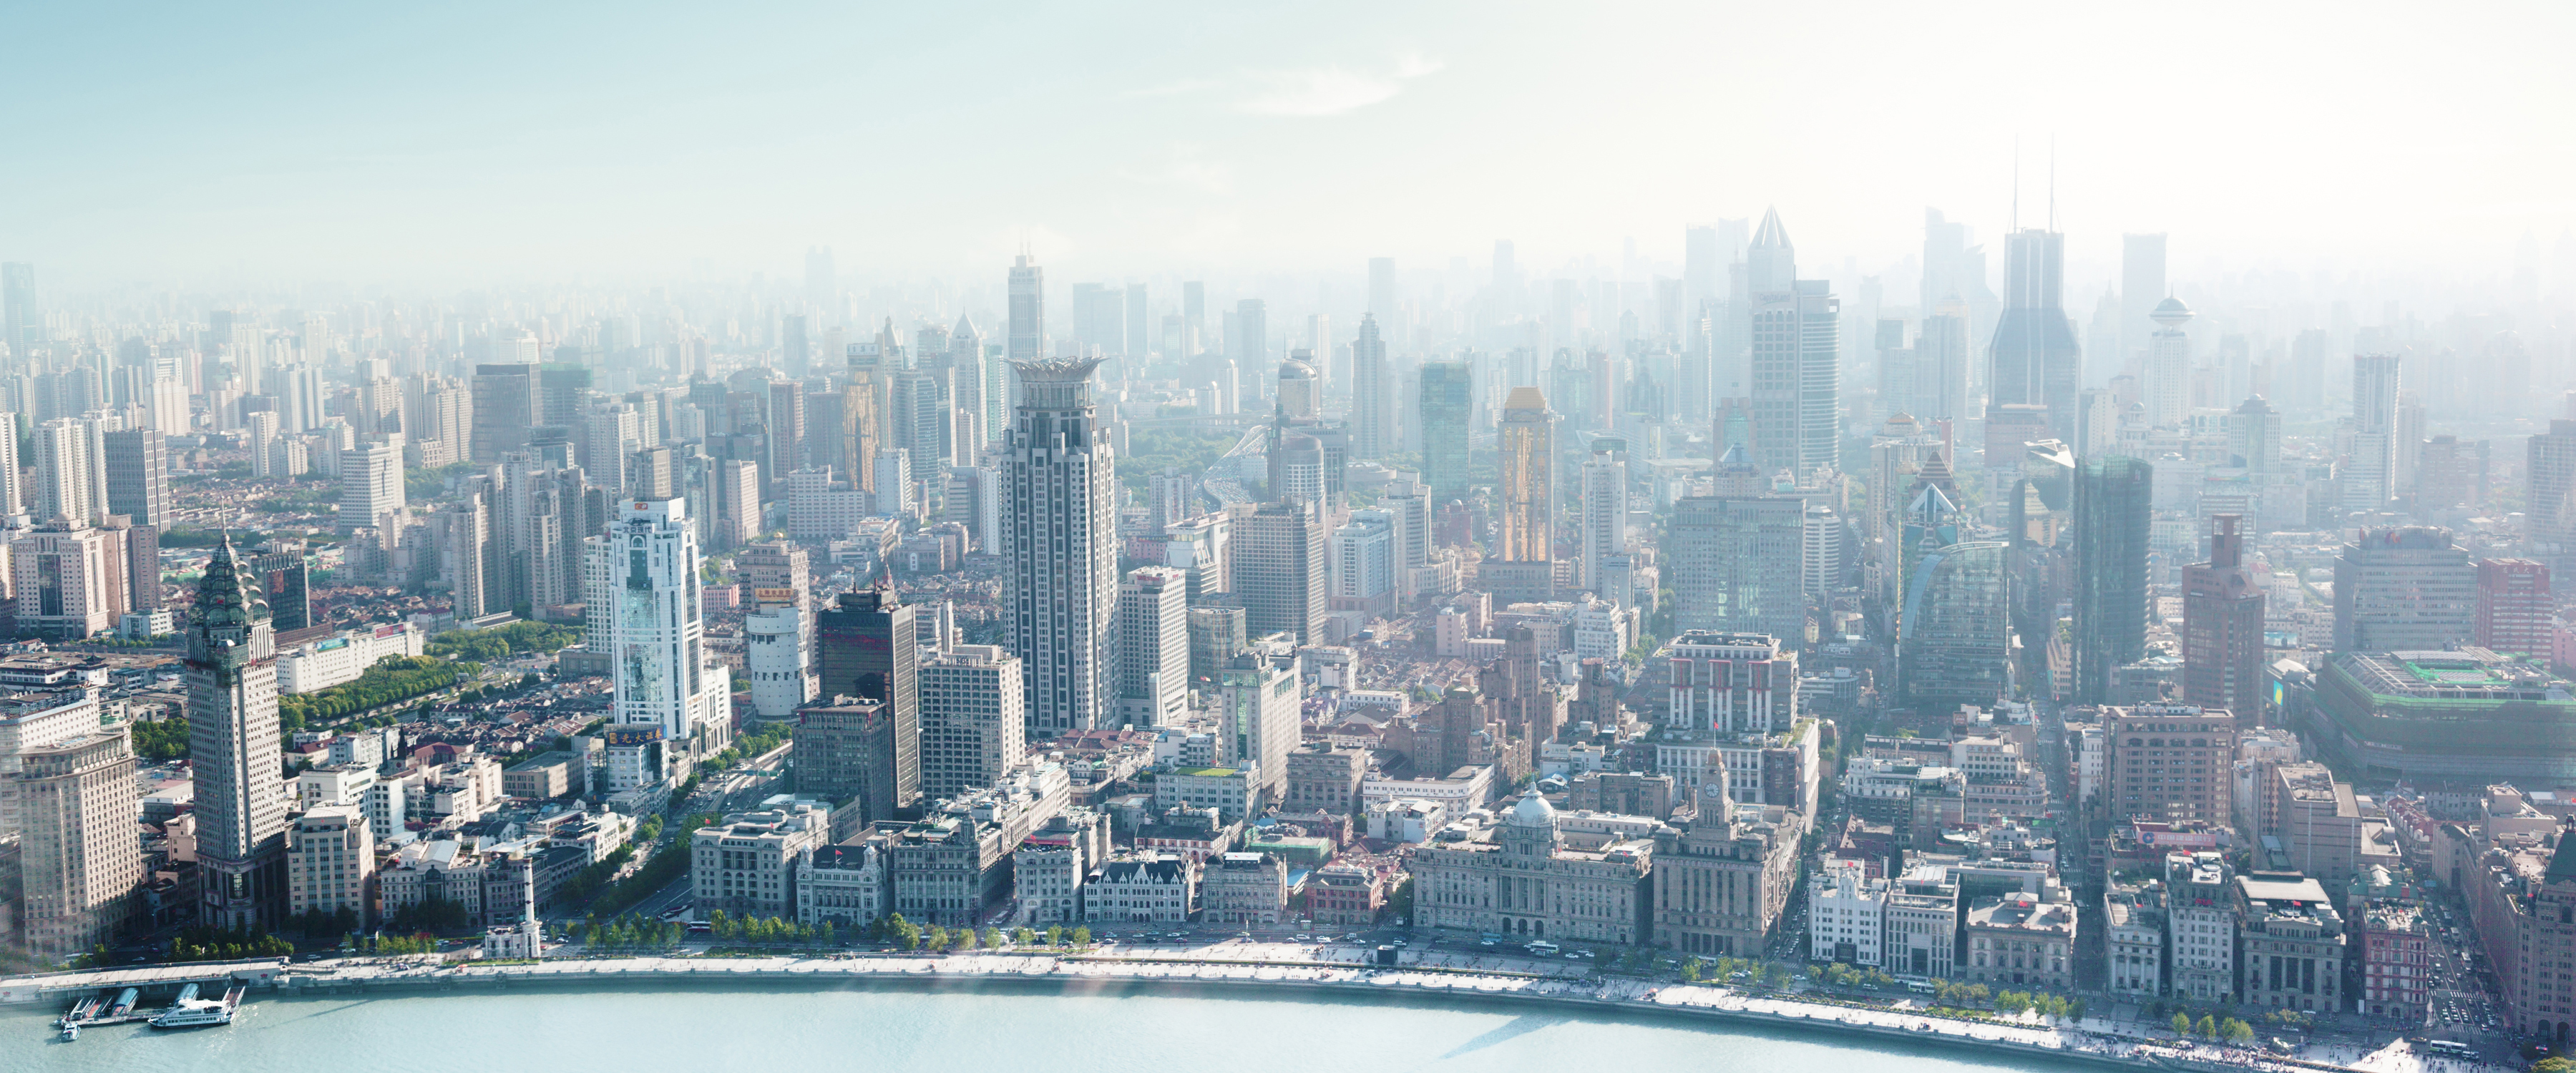 アジア国際事業のイメージ